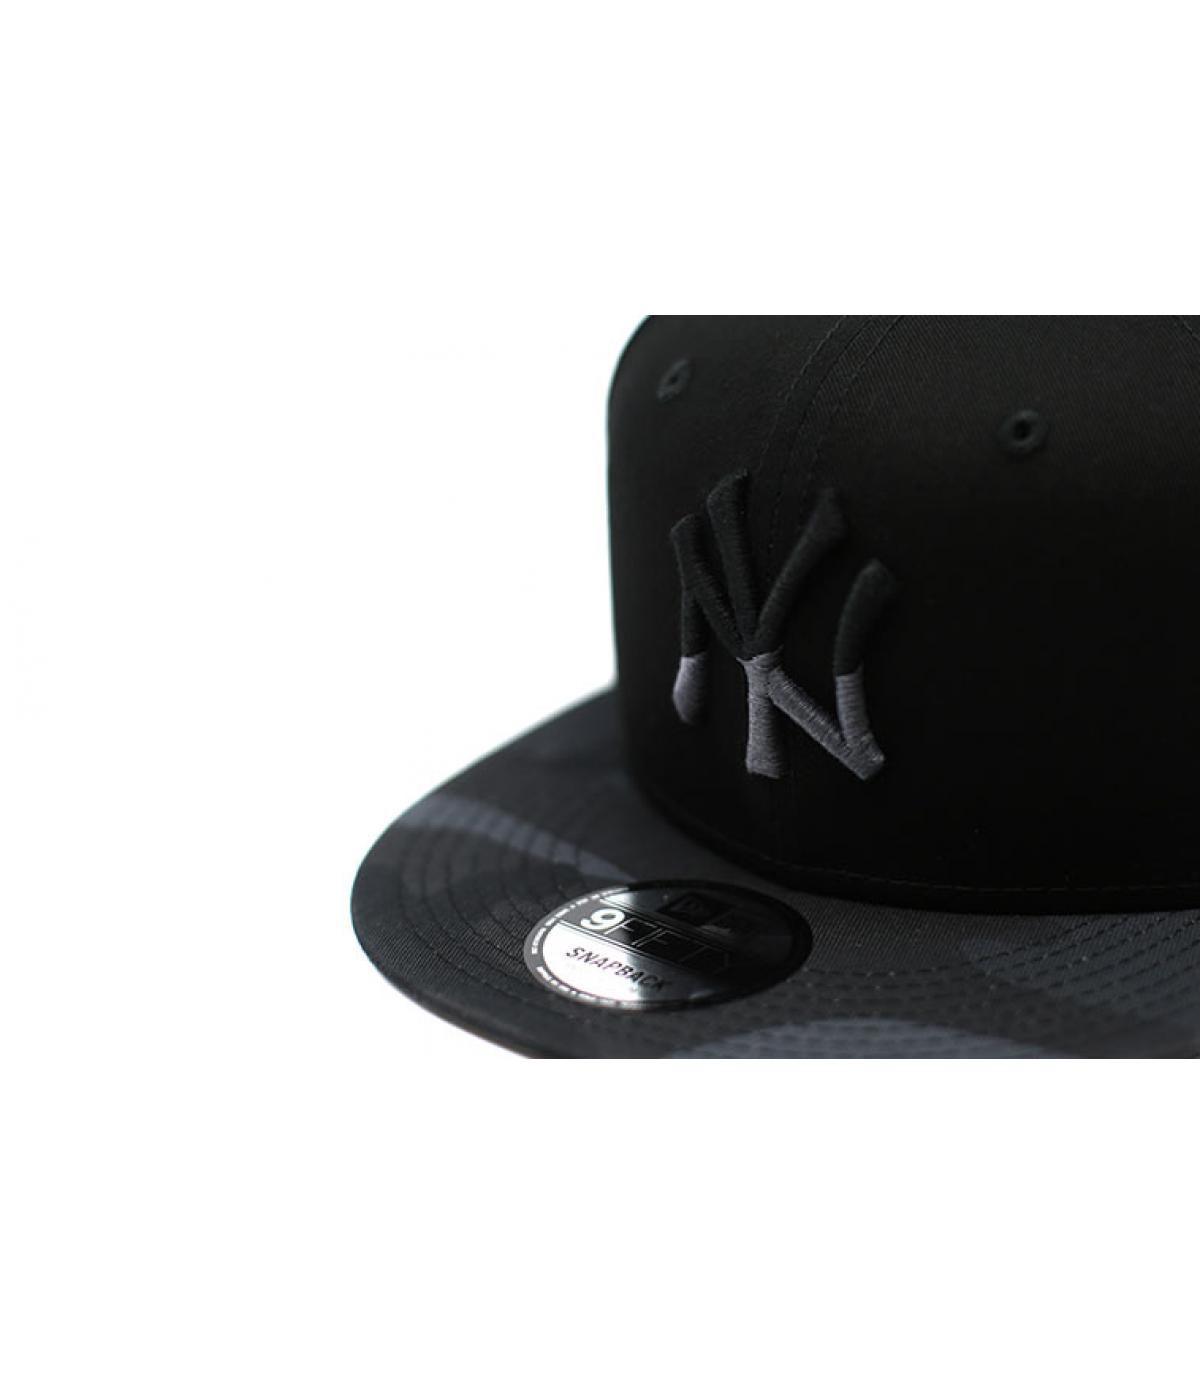 Details Snapback Camo Ess NY 9Fifty black moody - Abbildung 3